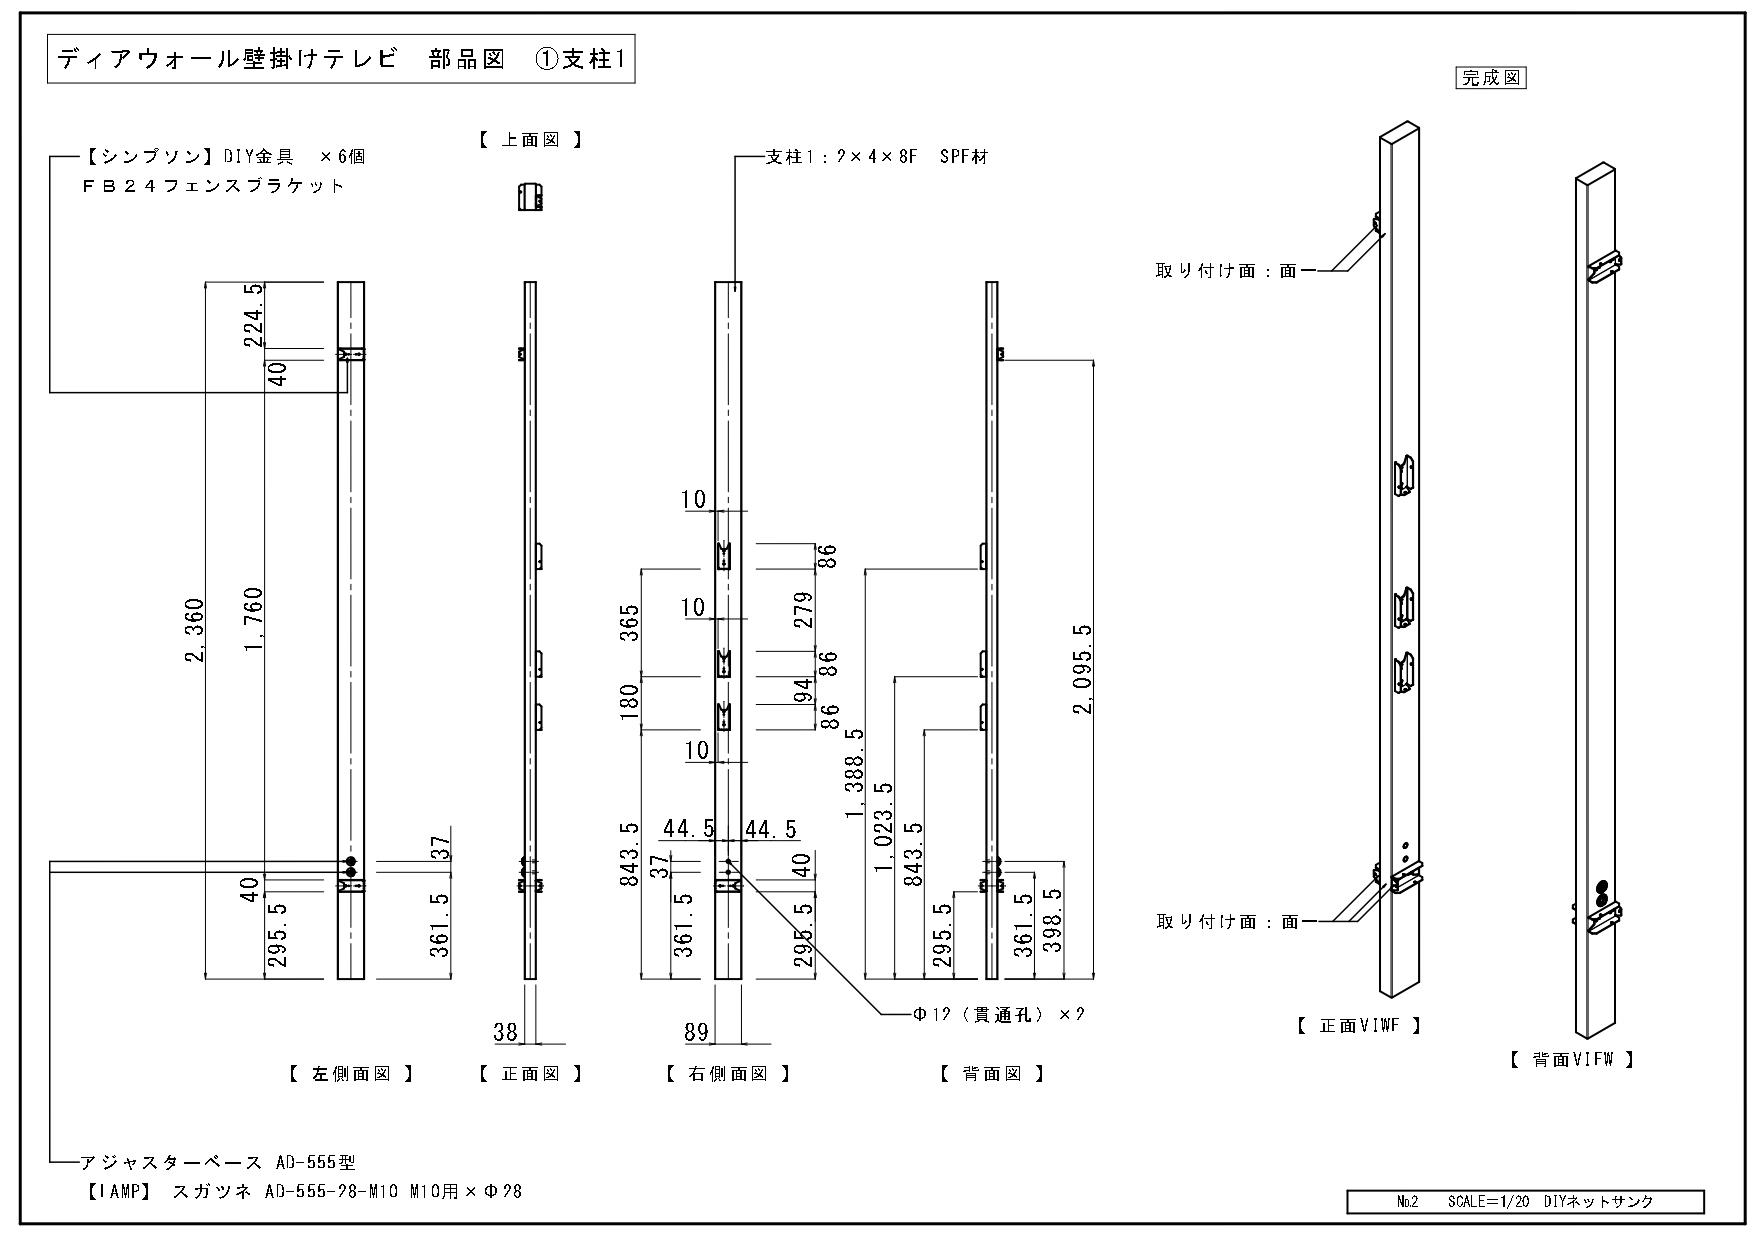 2 ディアウォール壁掛けテレビ支柱1部品図